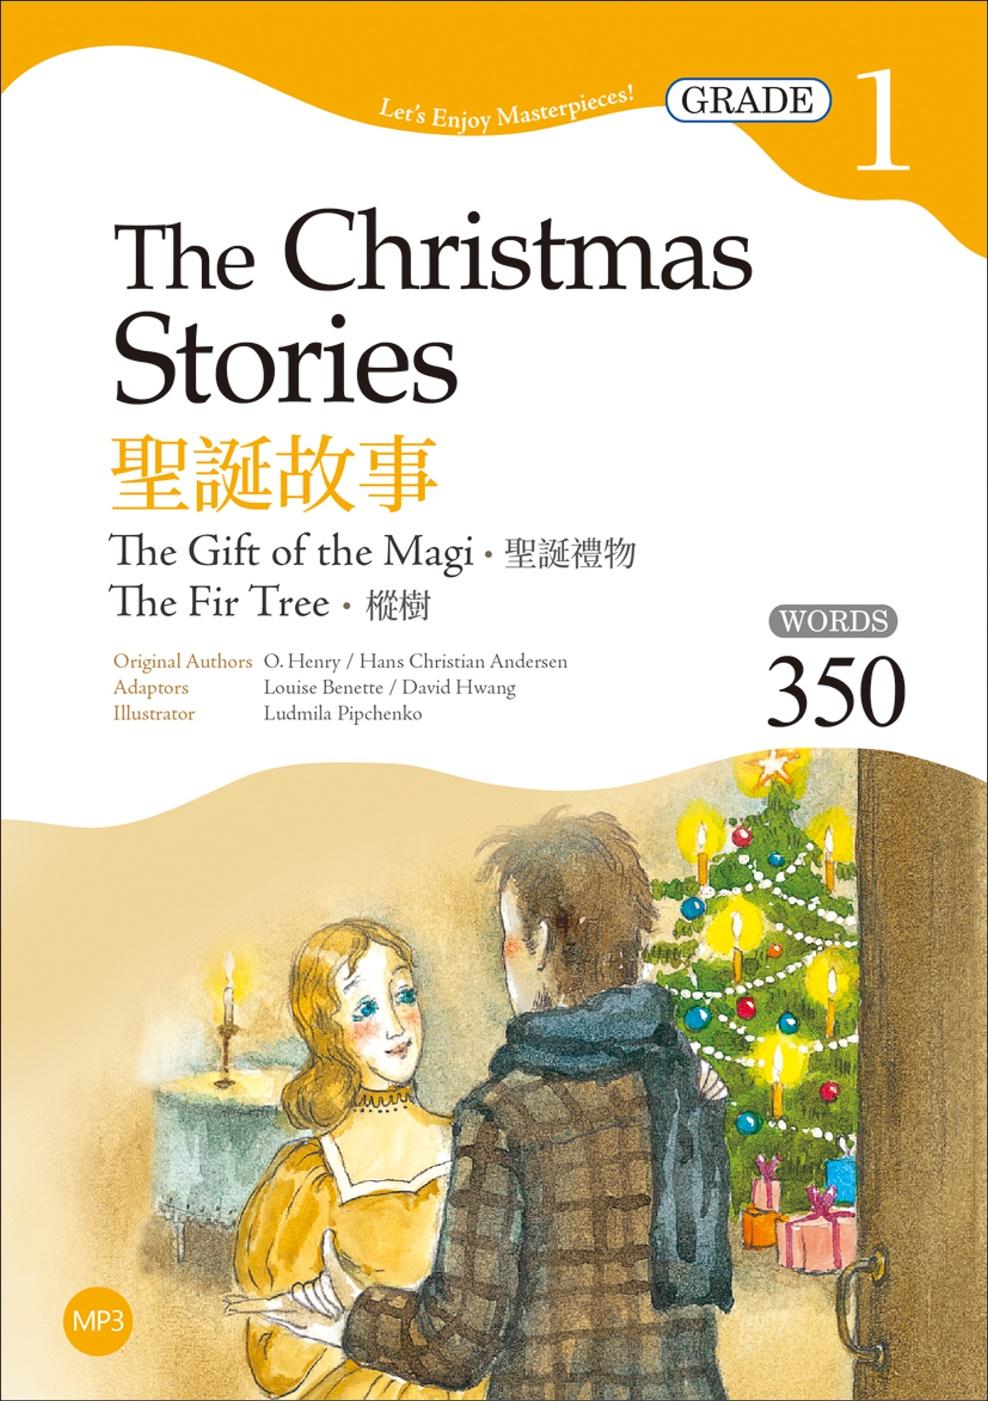 聖誕故事:聖誕禮物/樅樹【Grade 1經典文學讀本】二版(25K+1MP3)